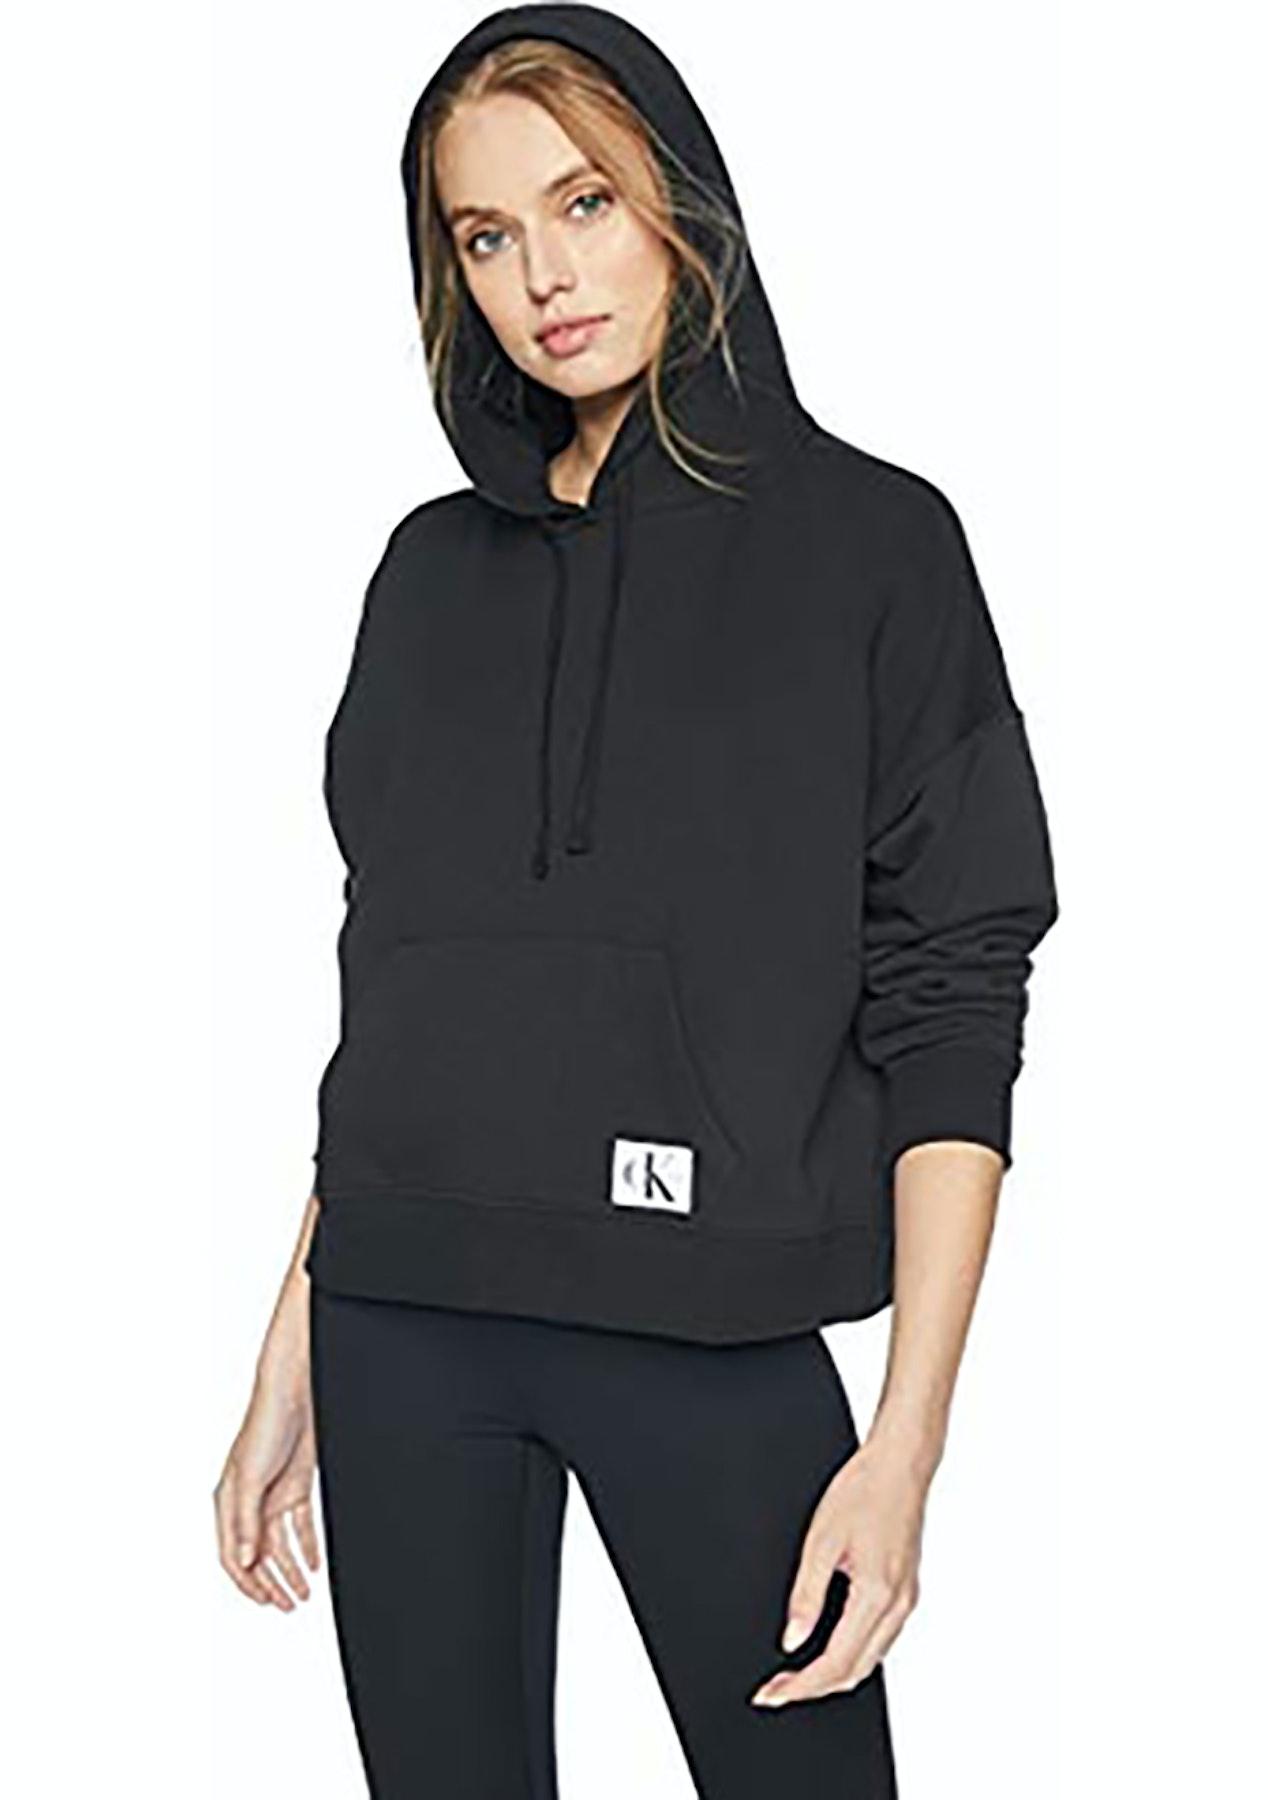 8f2d7260e0778 Calvin Klein Monogram L/S Hoodie Black - Calvin Klein Womens Clearance +  More - Onceit